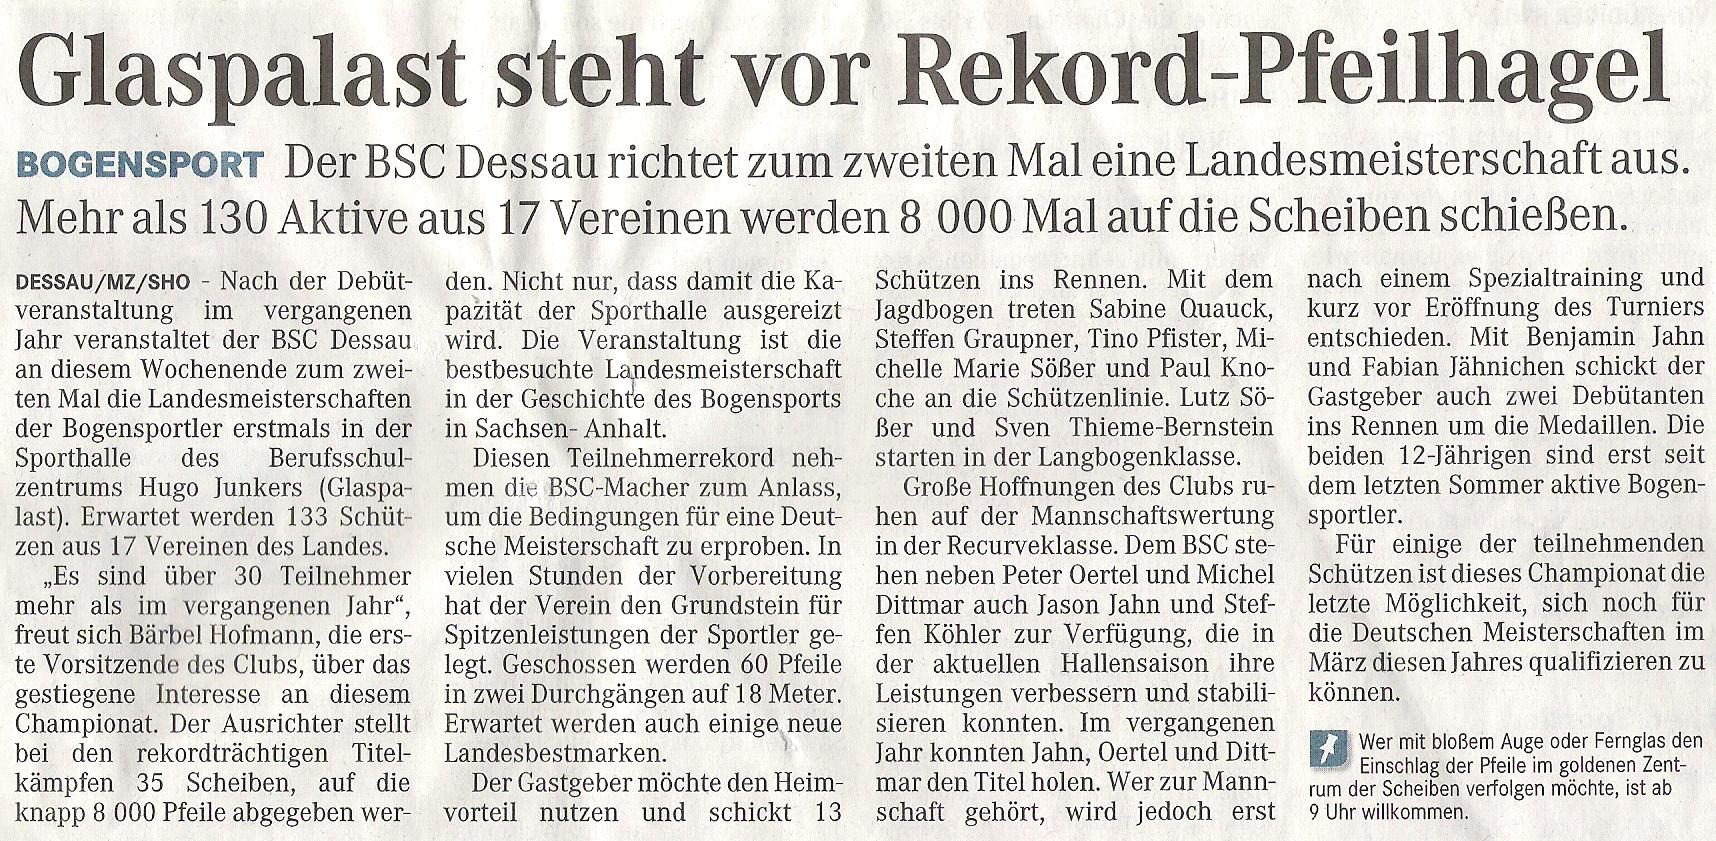 Ankündigung LM FITA Halle – Mitteldeutsche Zeitung 22.01.2010